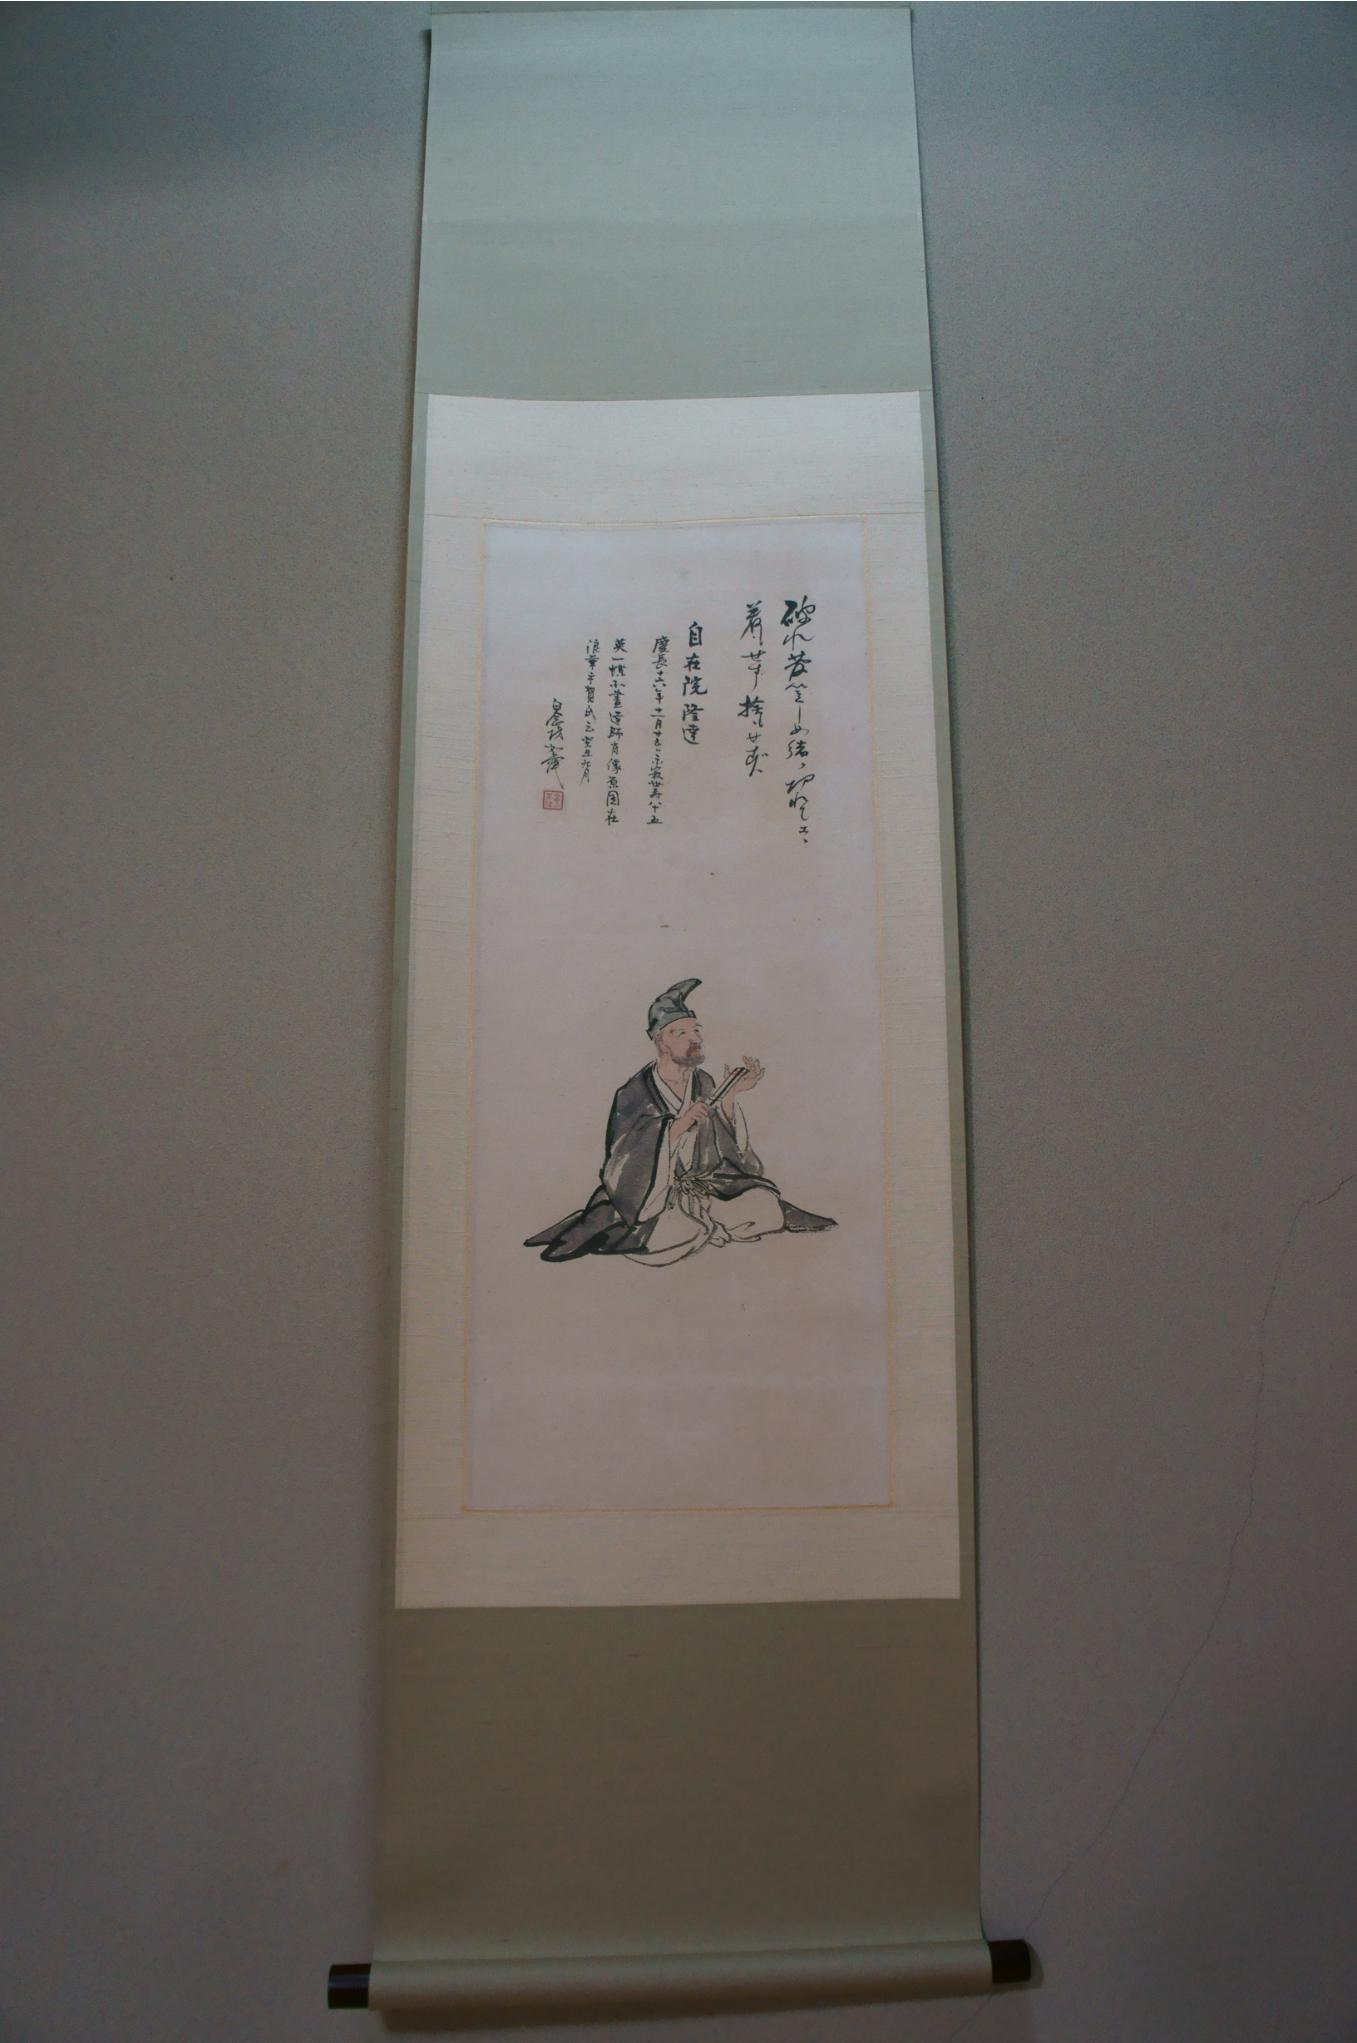 高三隆達の肖像画(顕本寺蔵)